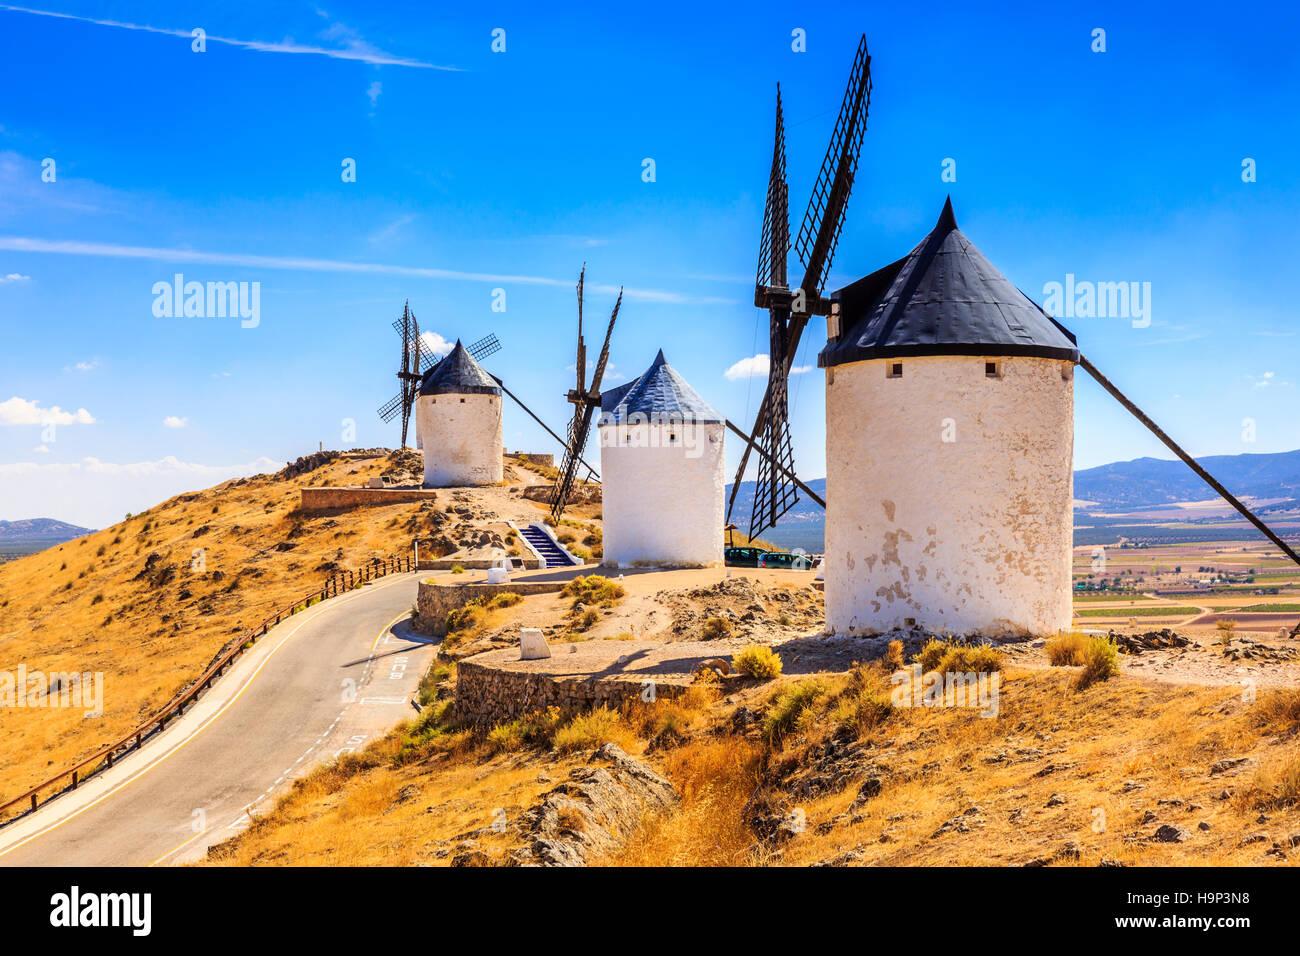 Albacete, Espagne. Les moulins à vent de Don Quichotte dans la province de Tolède. Photo Stock